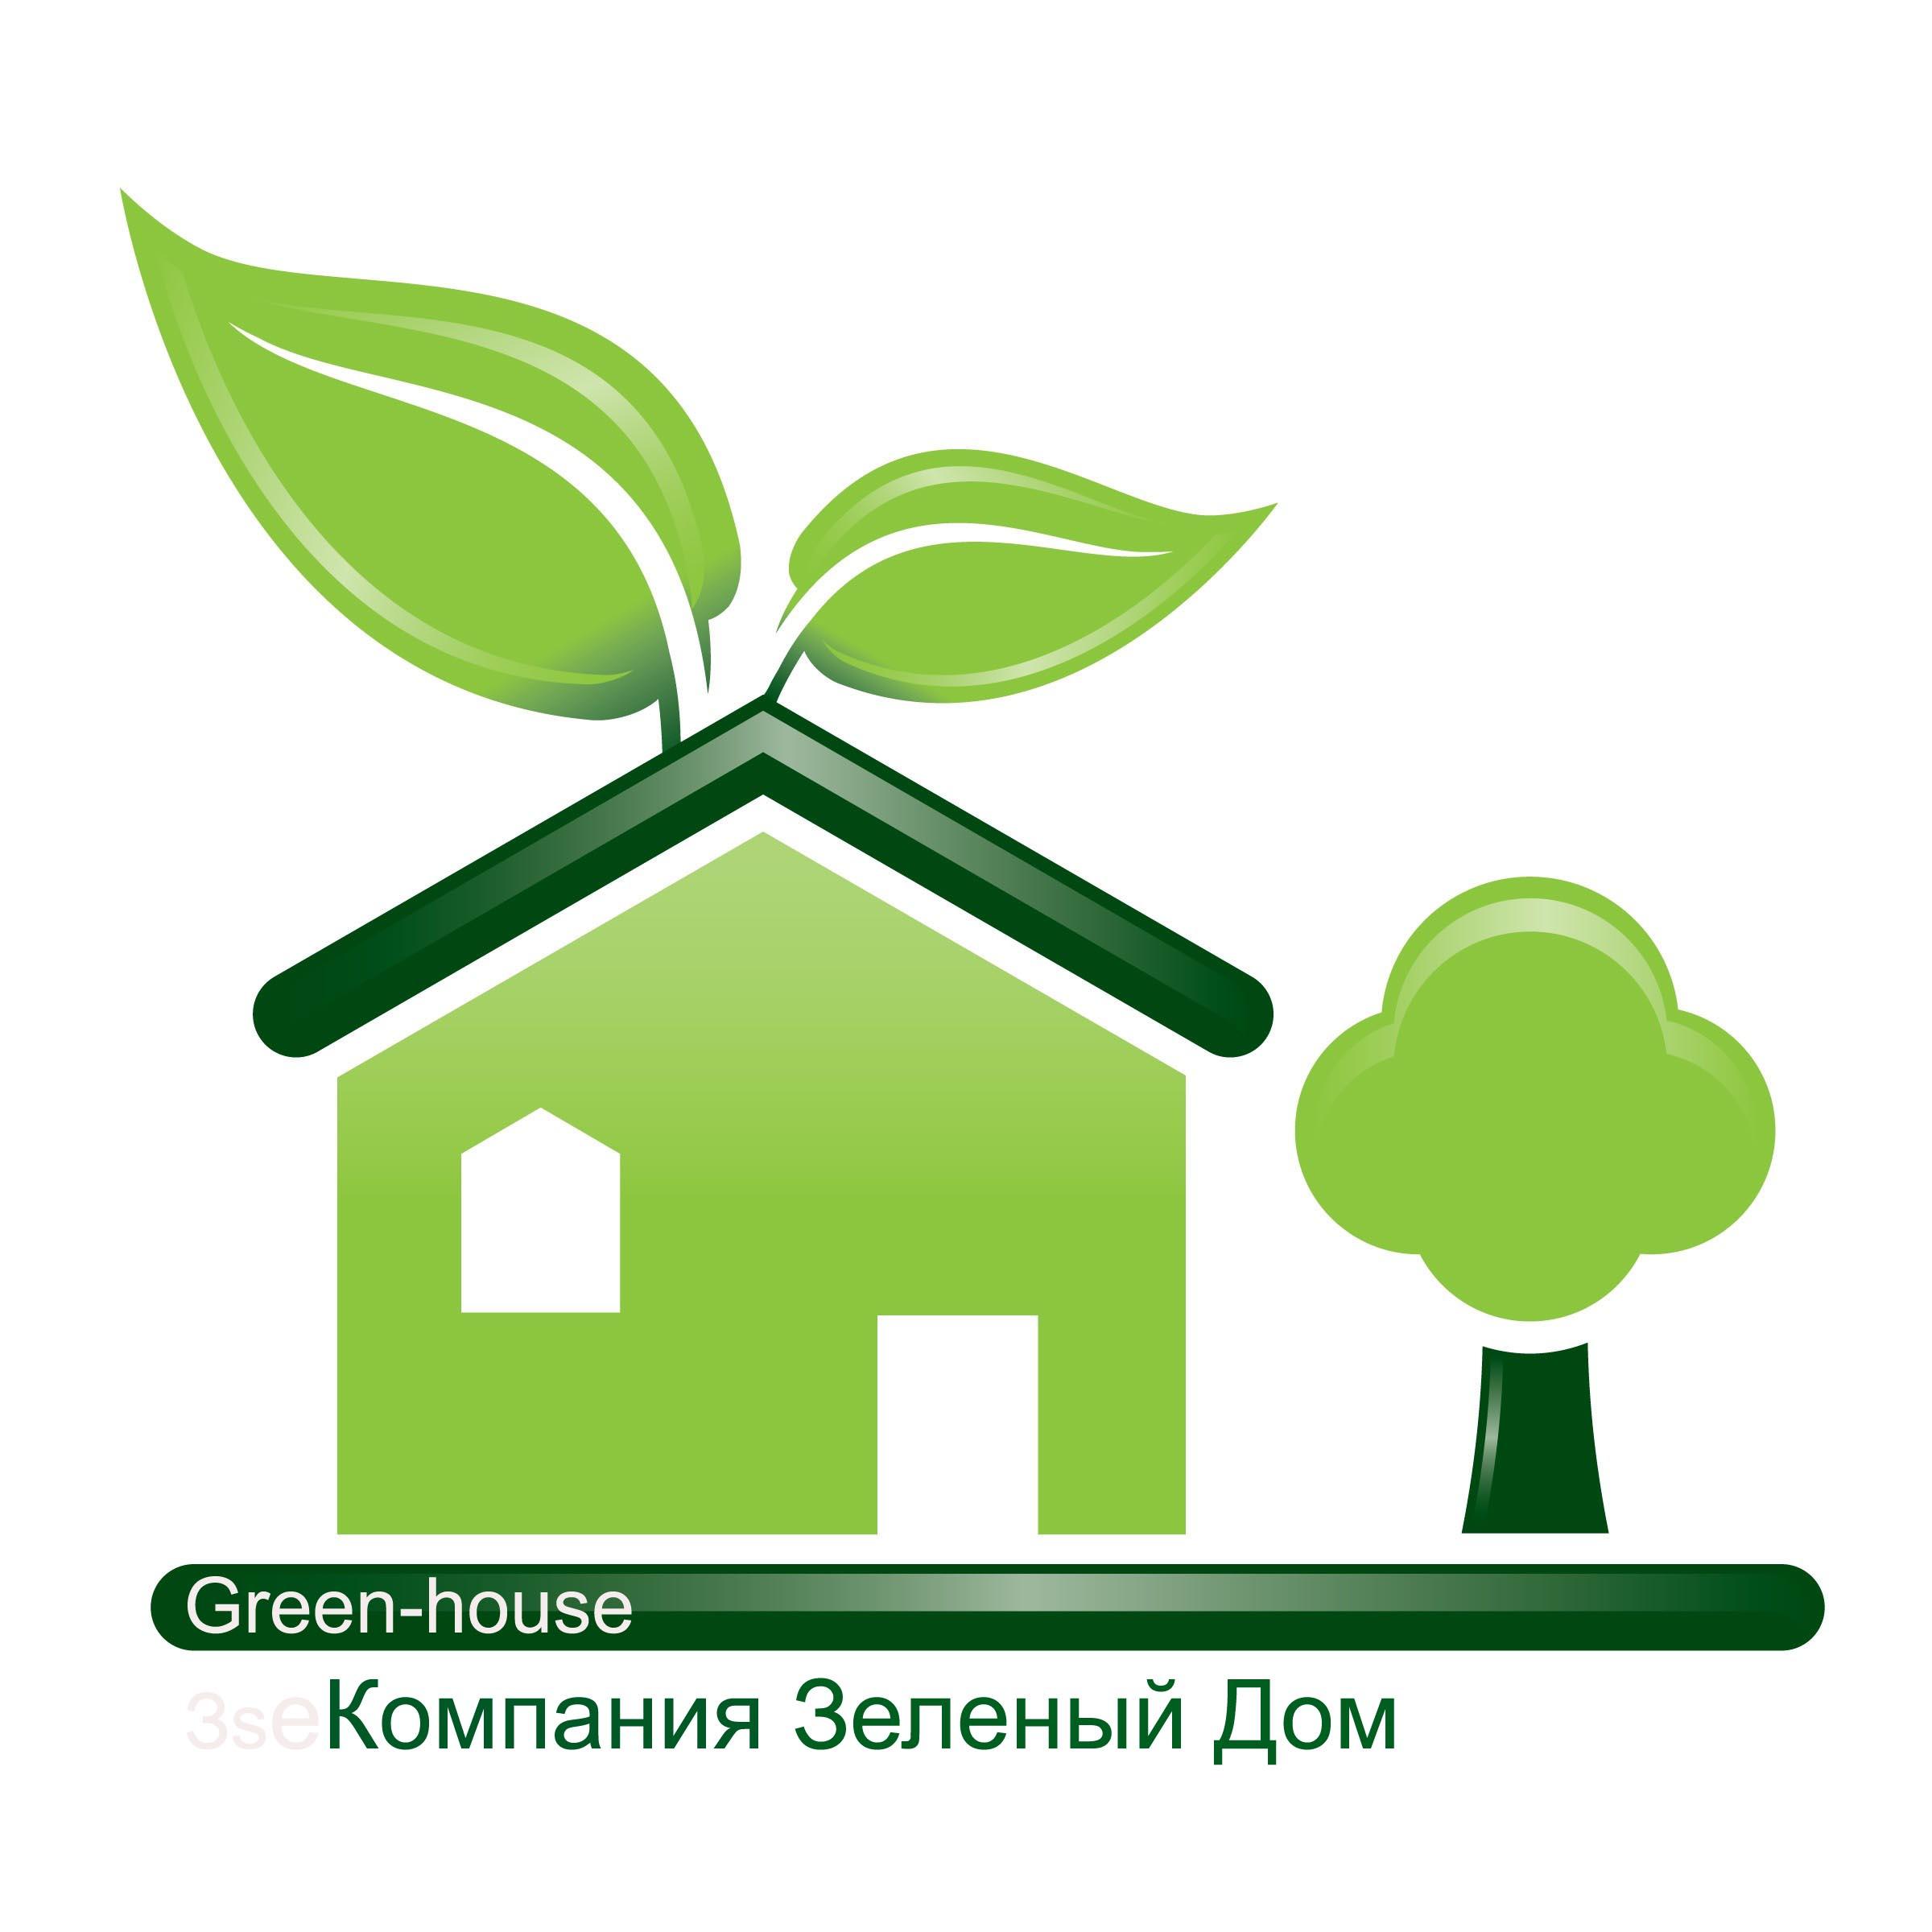 Компания Зеленый дом, ООО, Киев